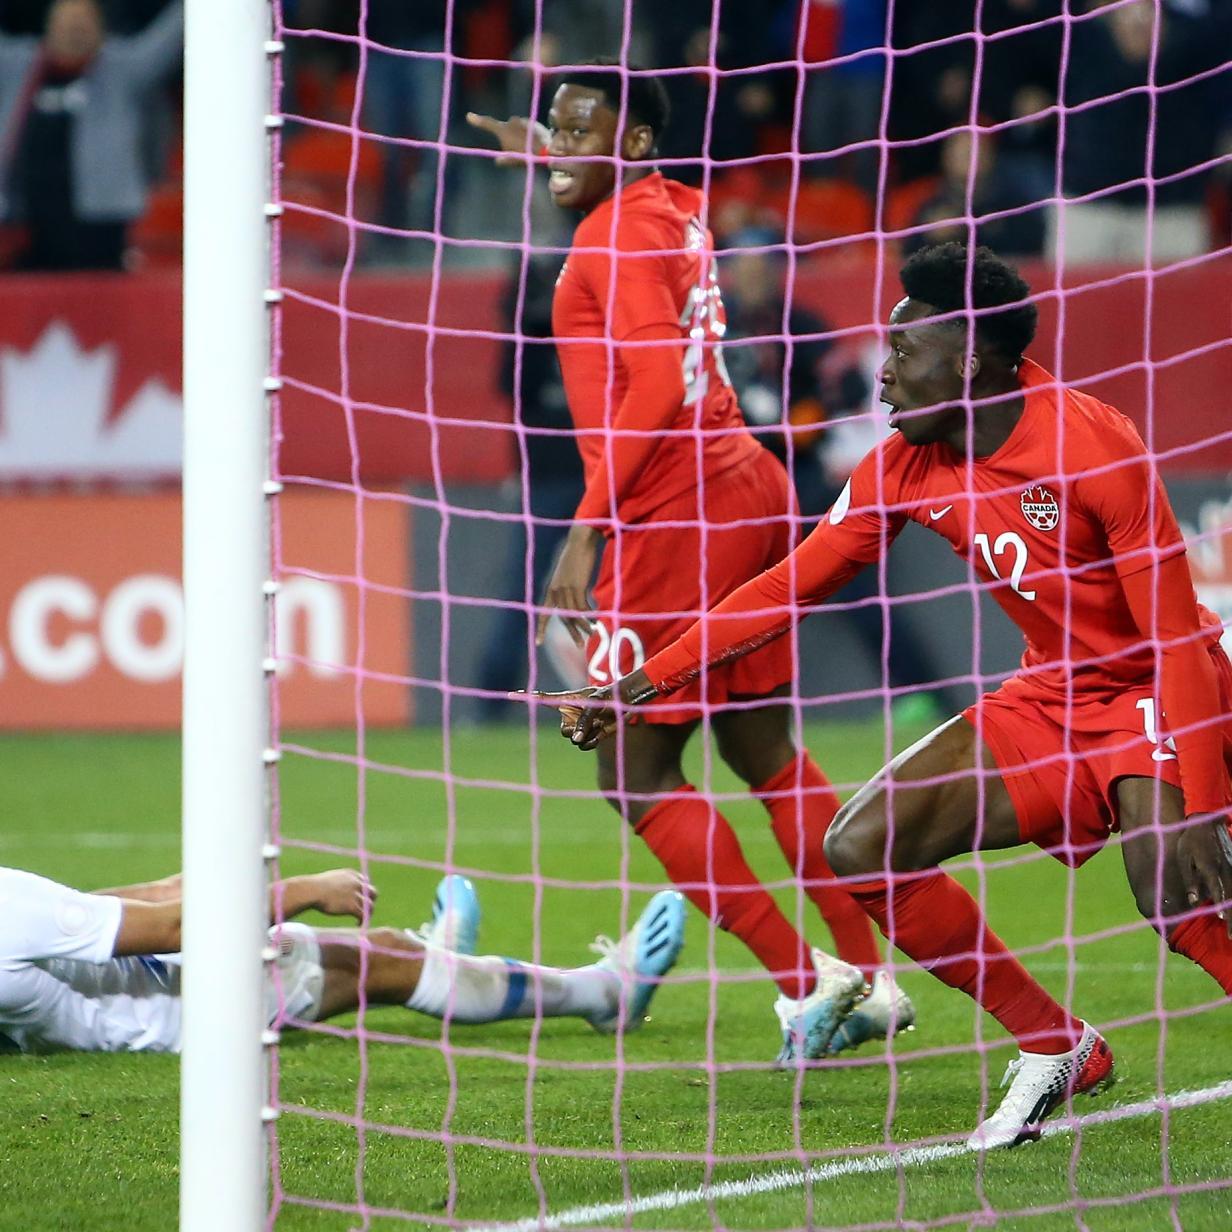 Fußball-Splitter: US-Team verlor erstmals seit 1985 gegen Kanada